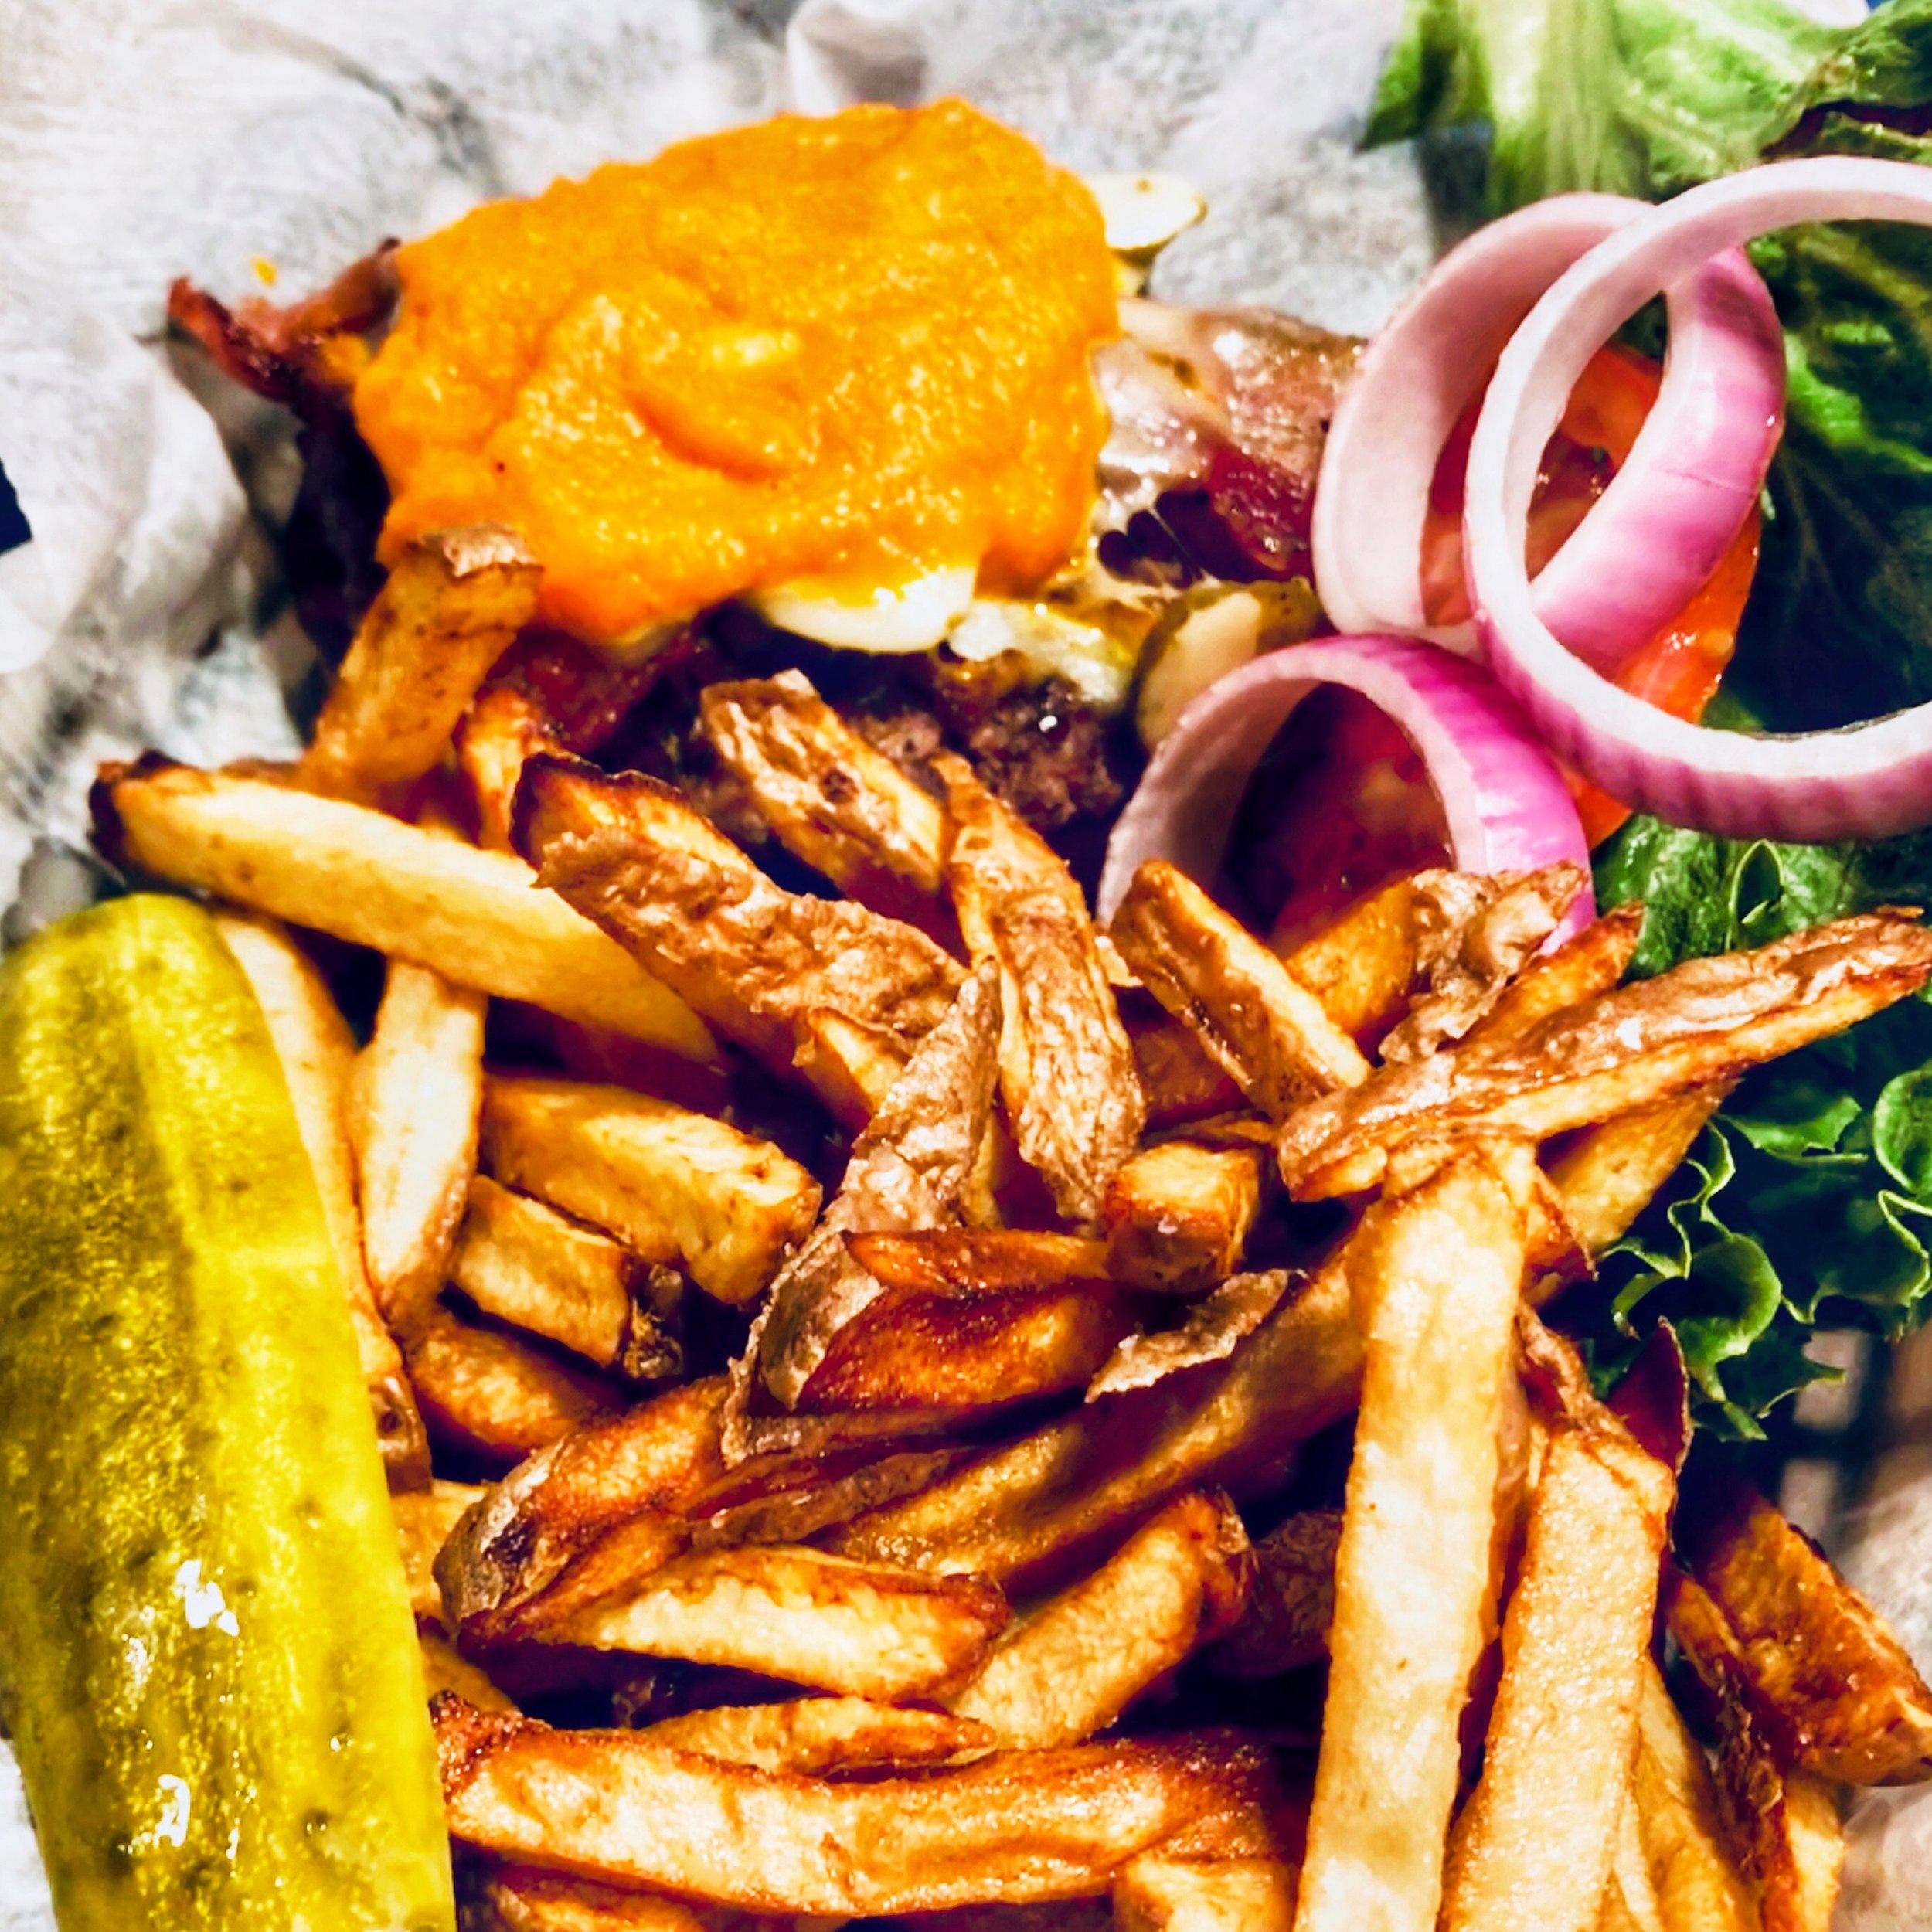 Bad Decisions Burger